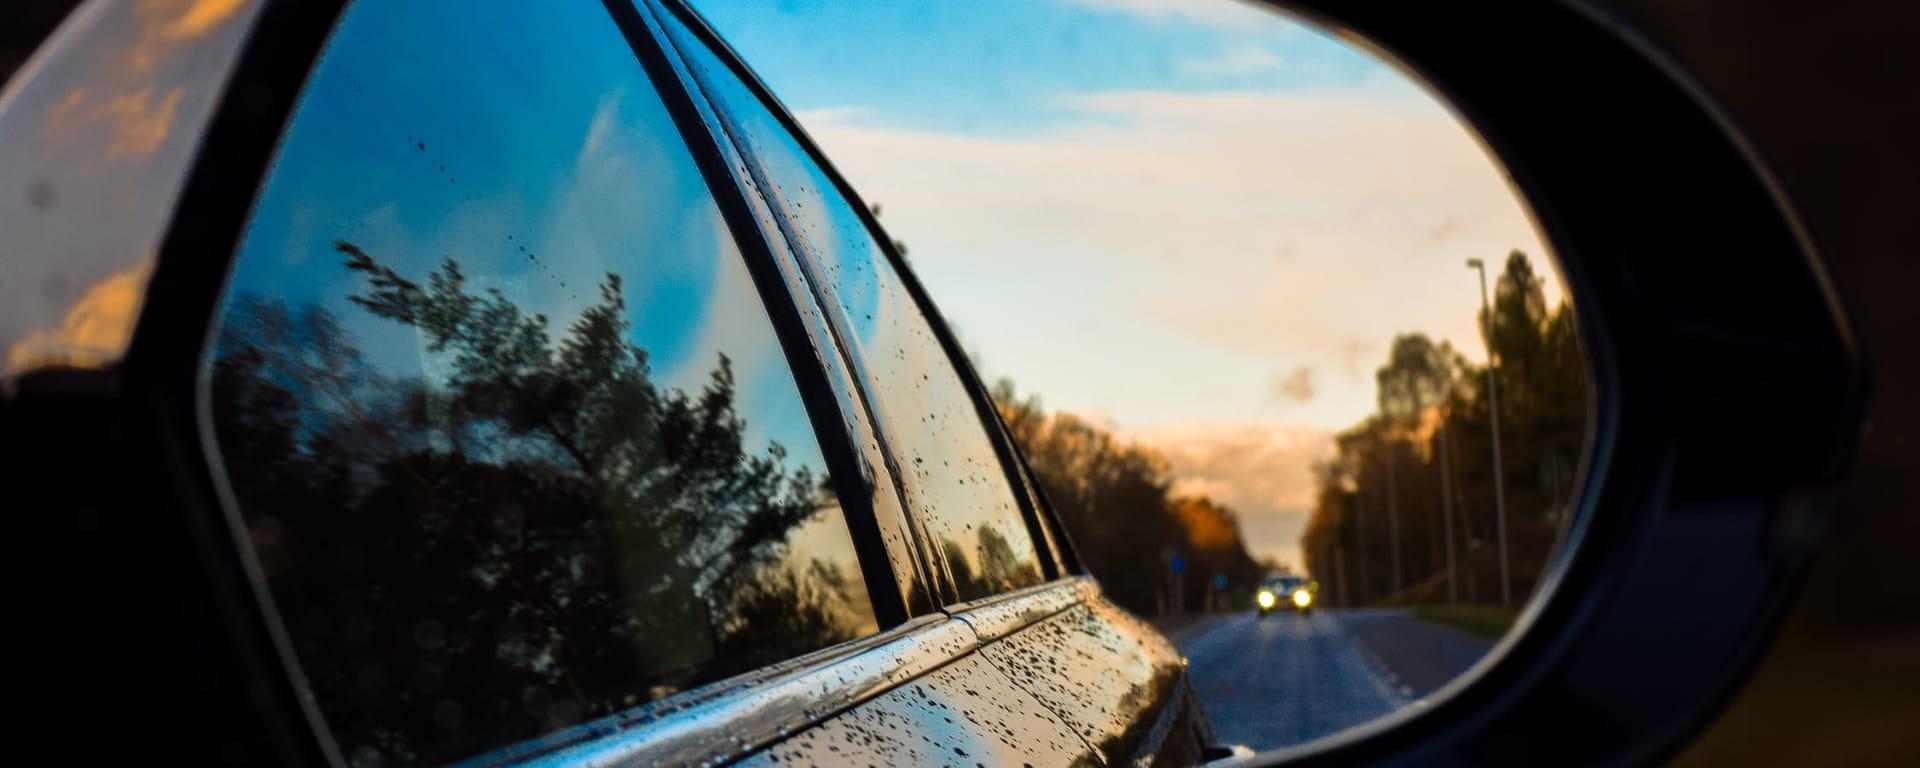 General Motors Canada et iProspect améliorent l'efficacité de la recherche et augmentent considérablement les visites des magasins de Service Certifié.